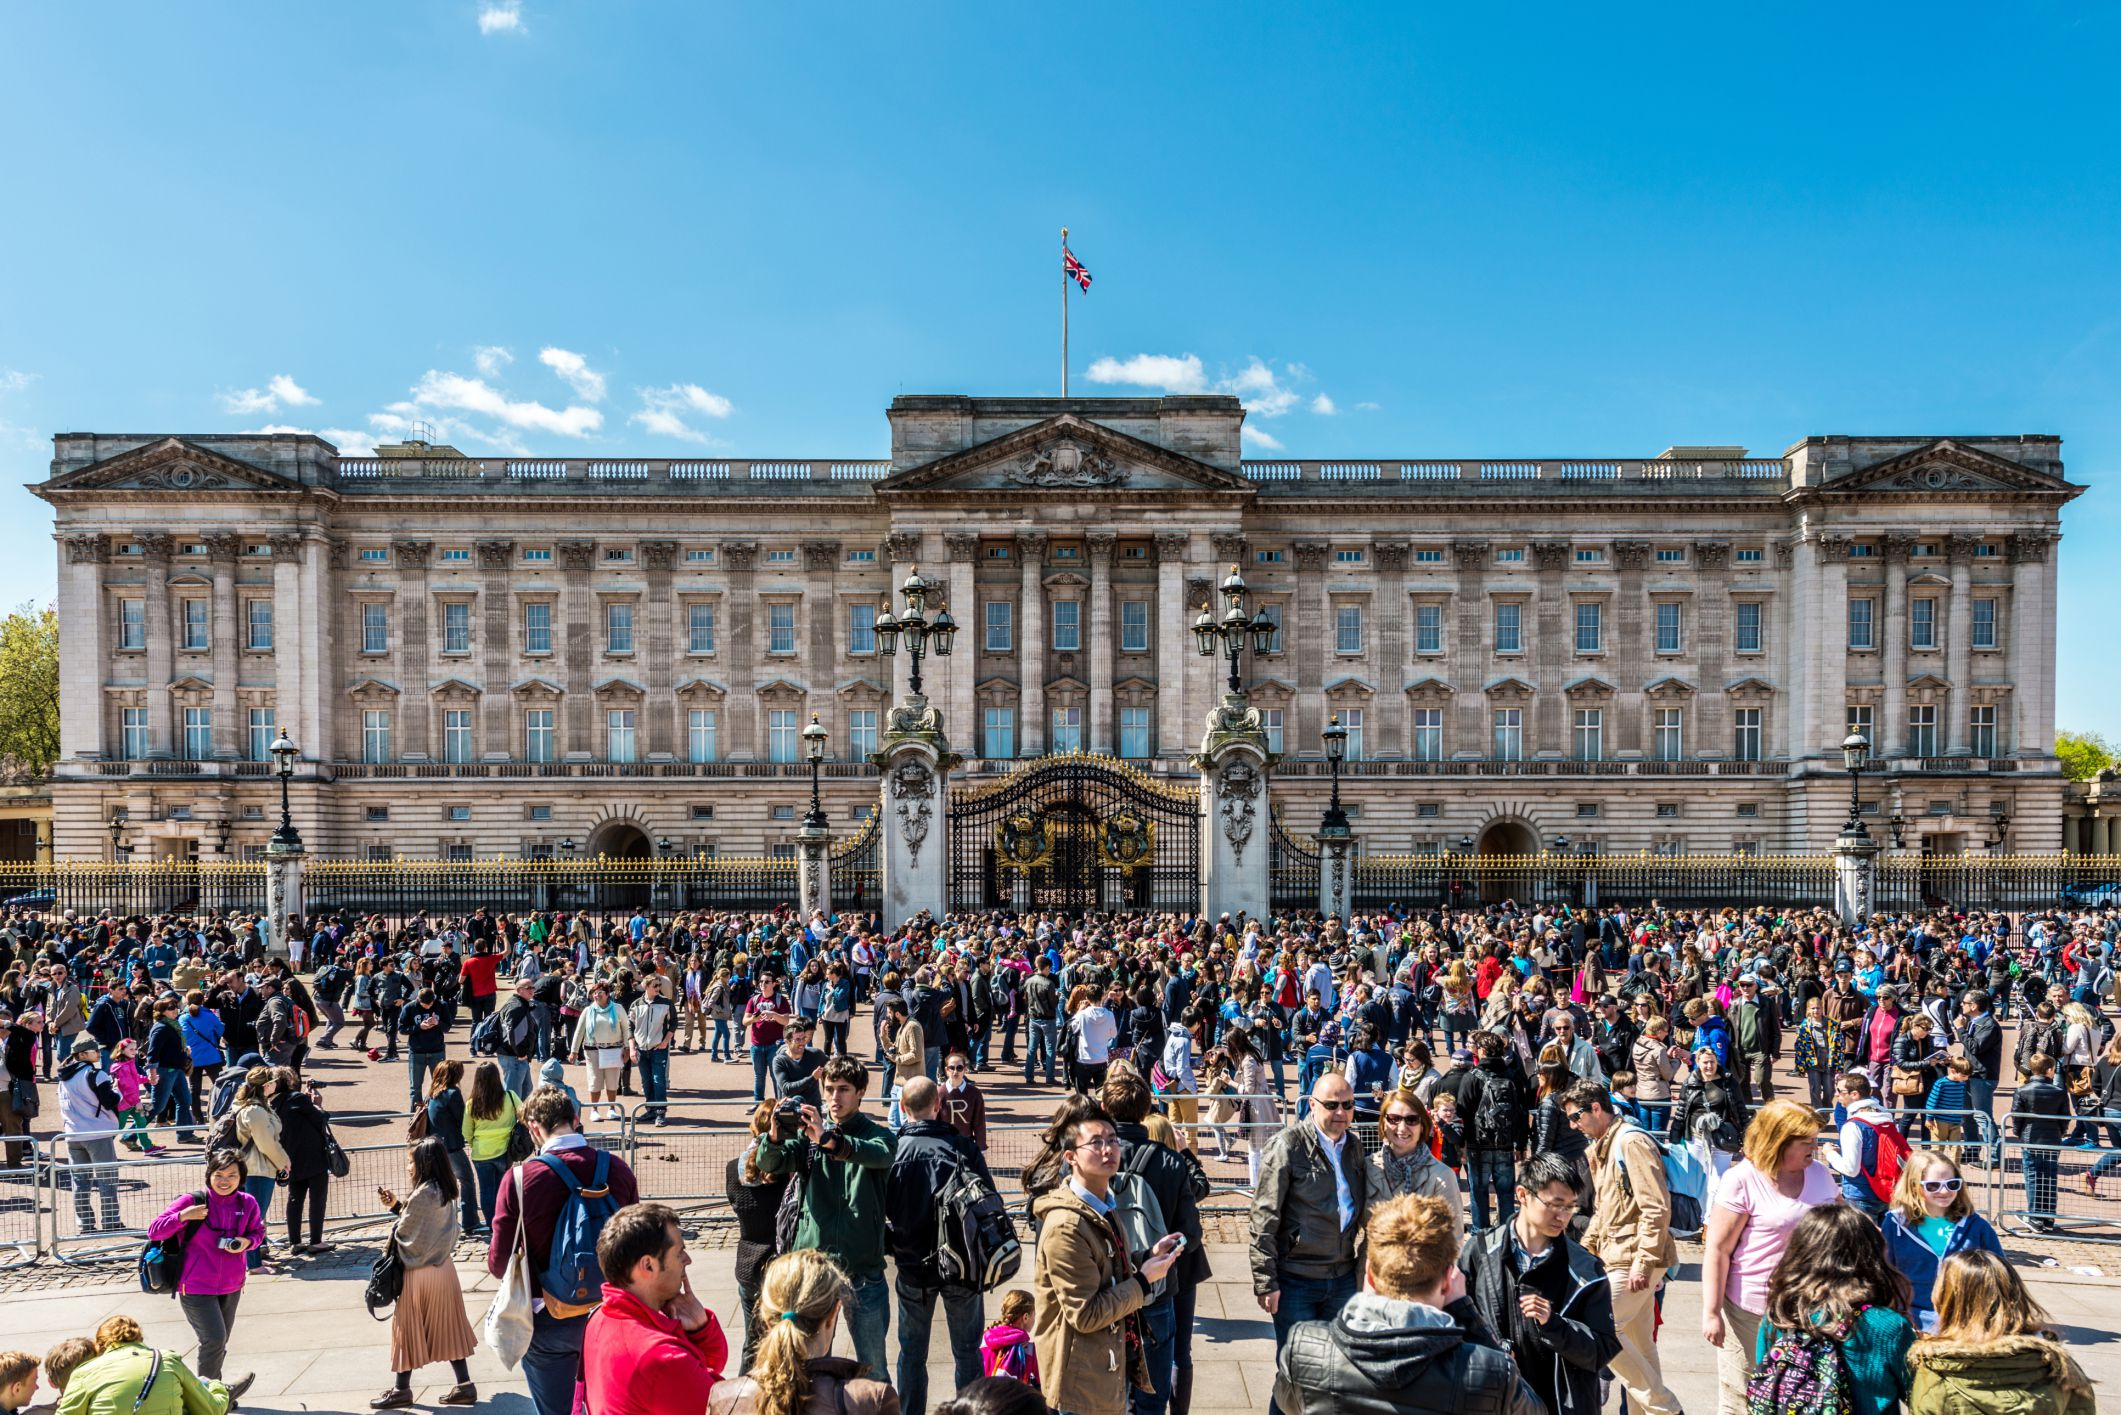 People gathering outside Buckingham Palace.